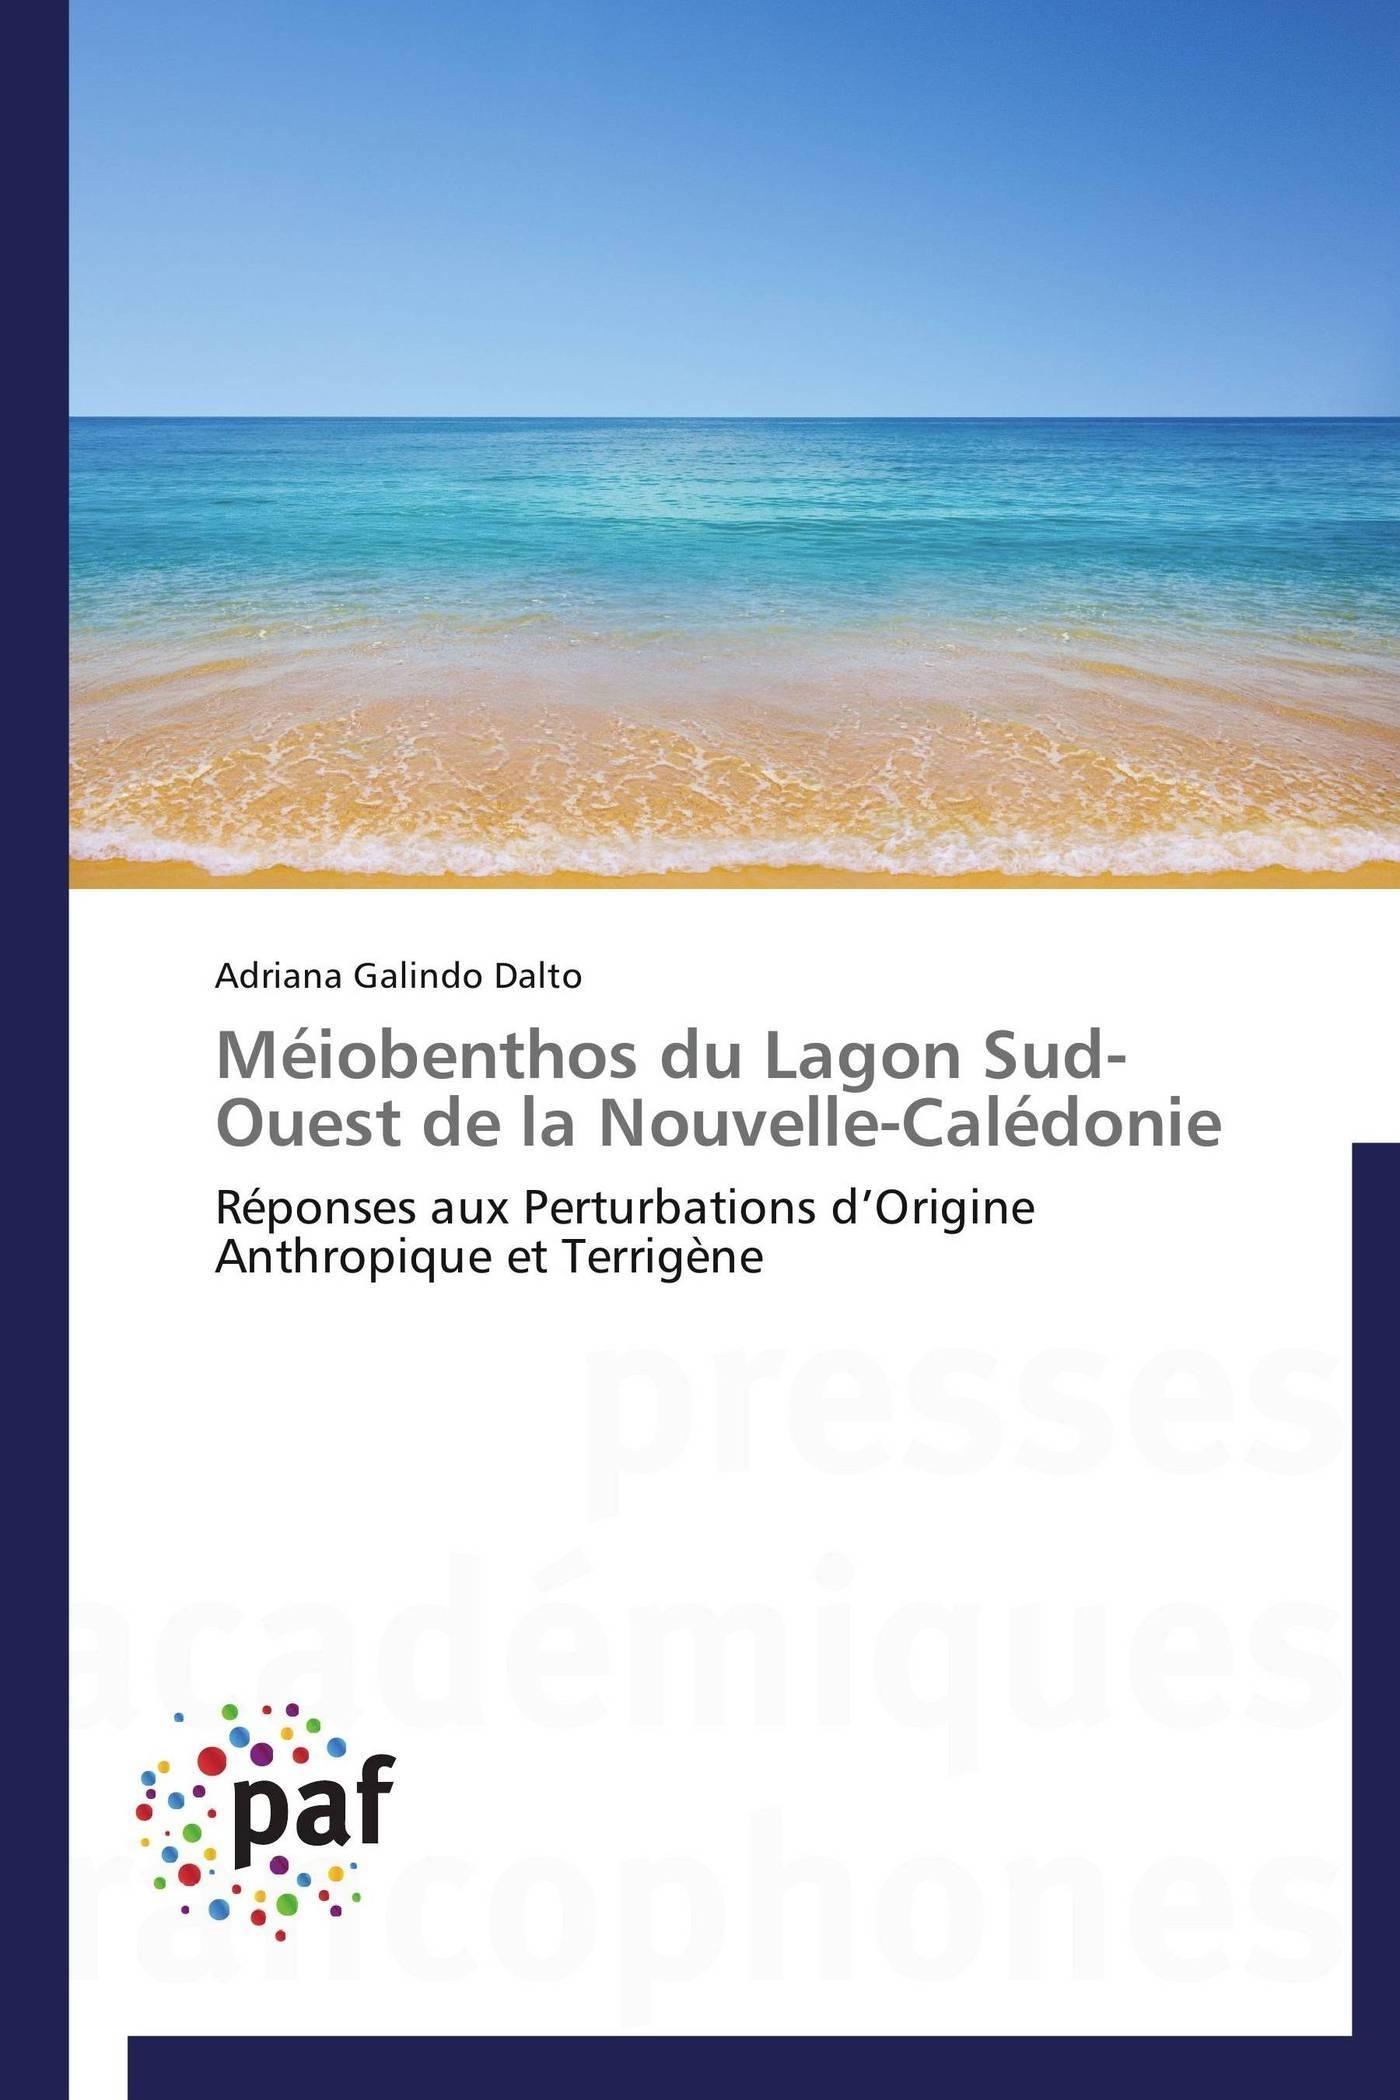 MEIOBENTHOS DU LAGON SUD-OUEST DE LA NOUVELLE-CALEDONIE